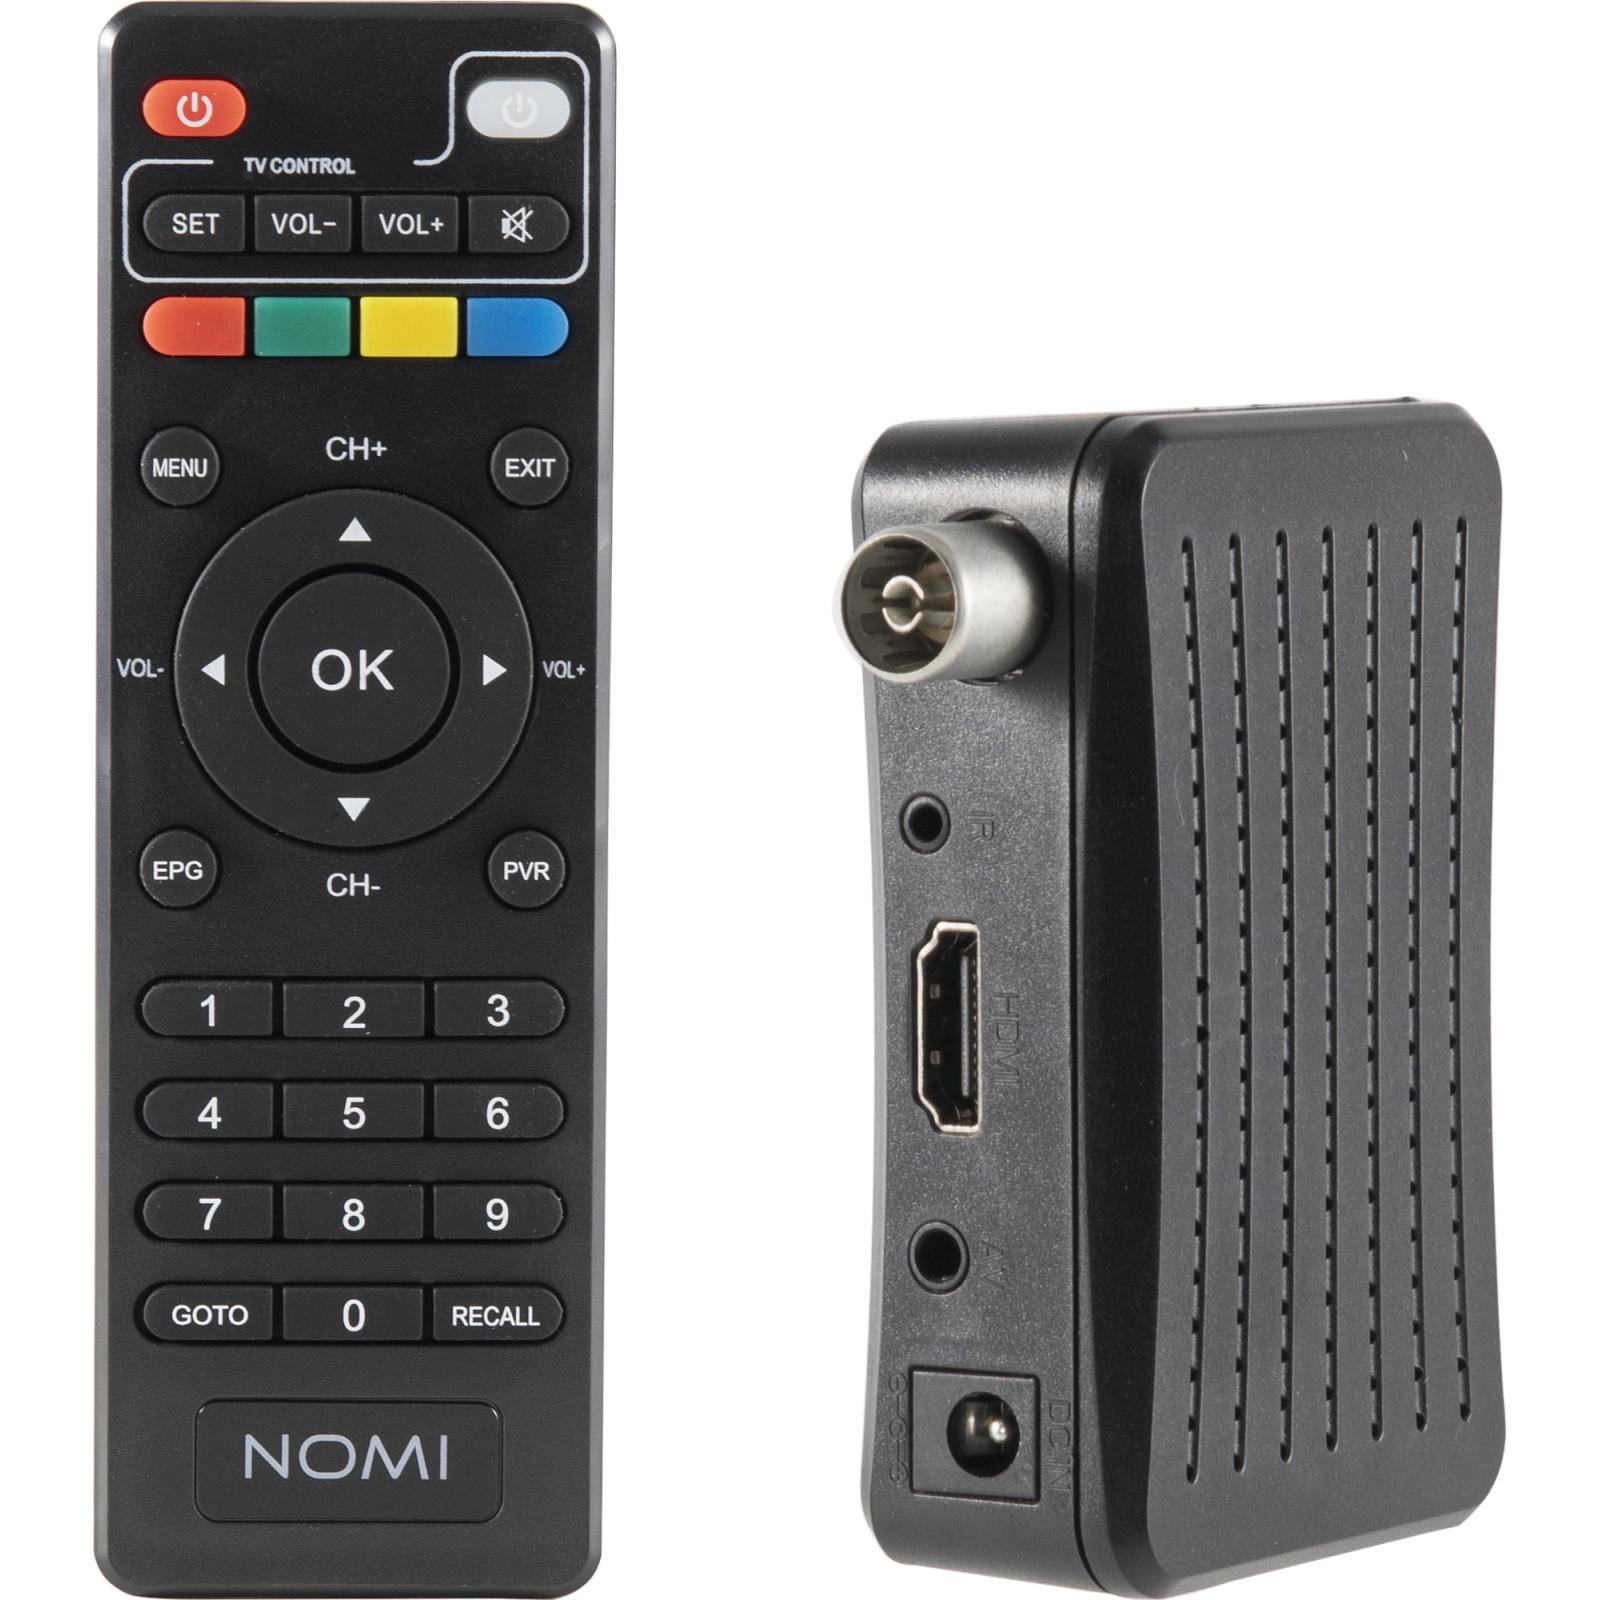 ТВ тюнер Nomi DVB-T2 T203 (425704) изображение 6